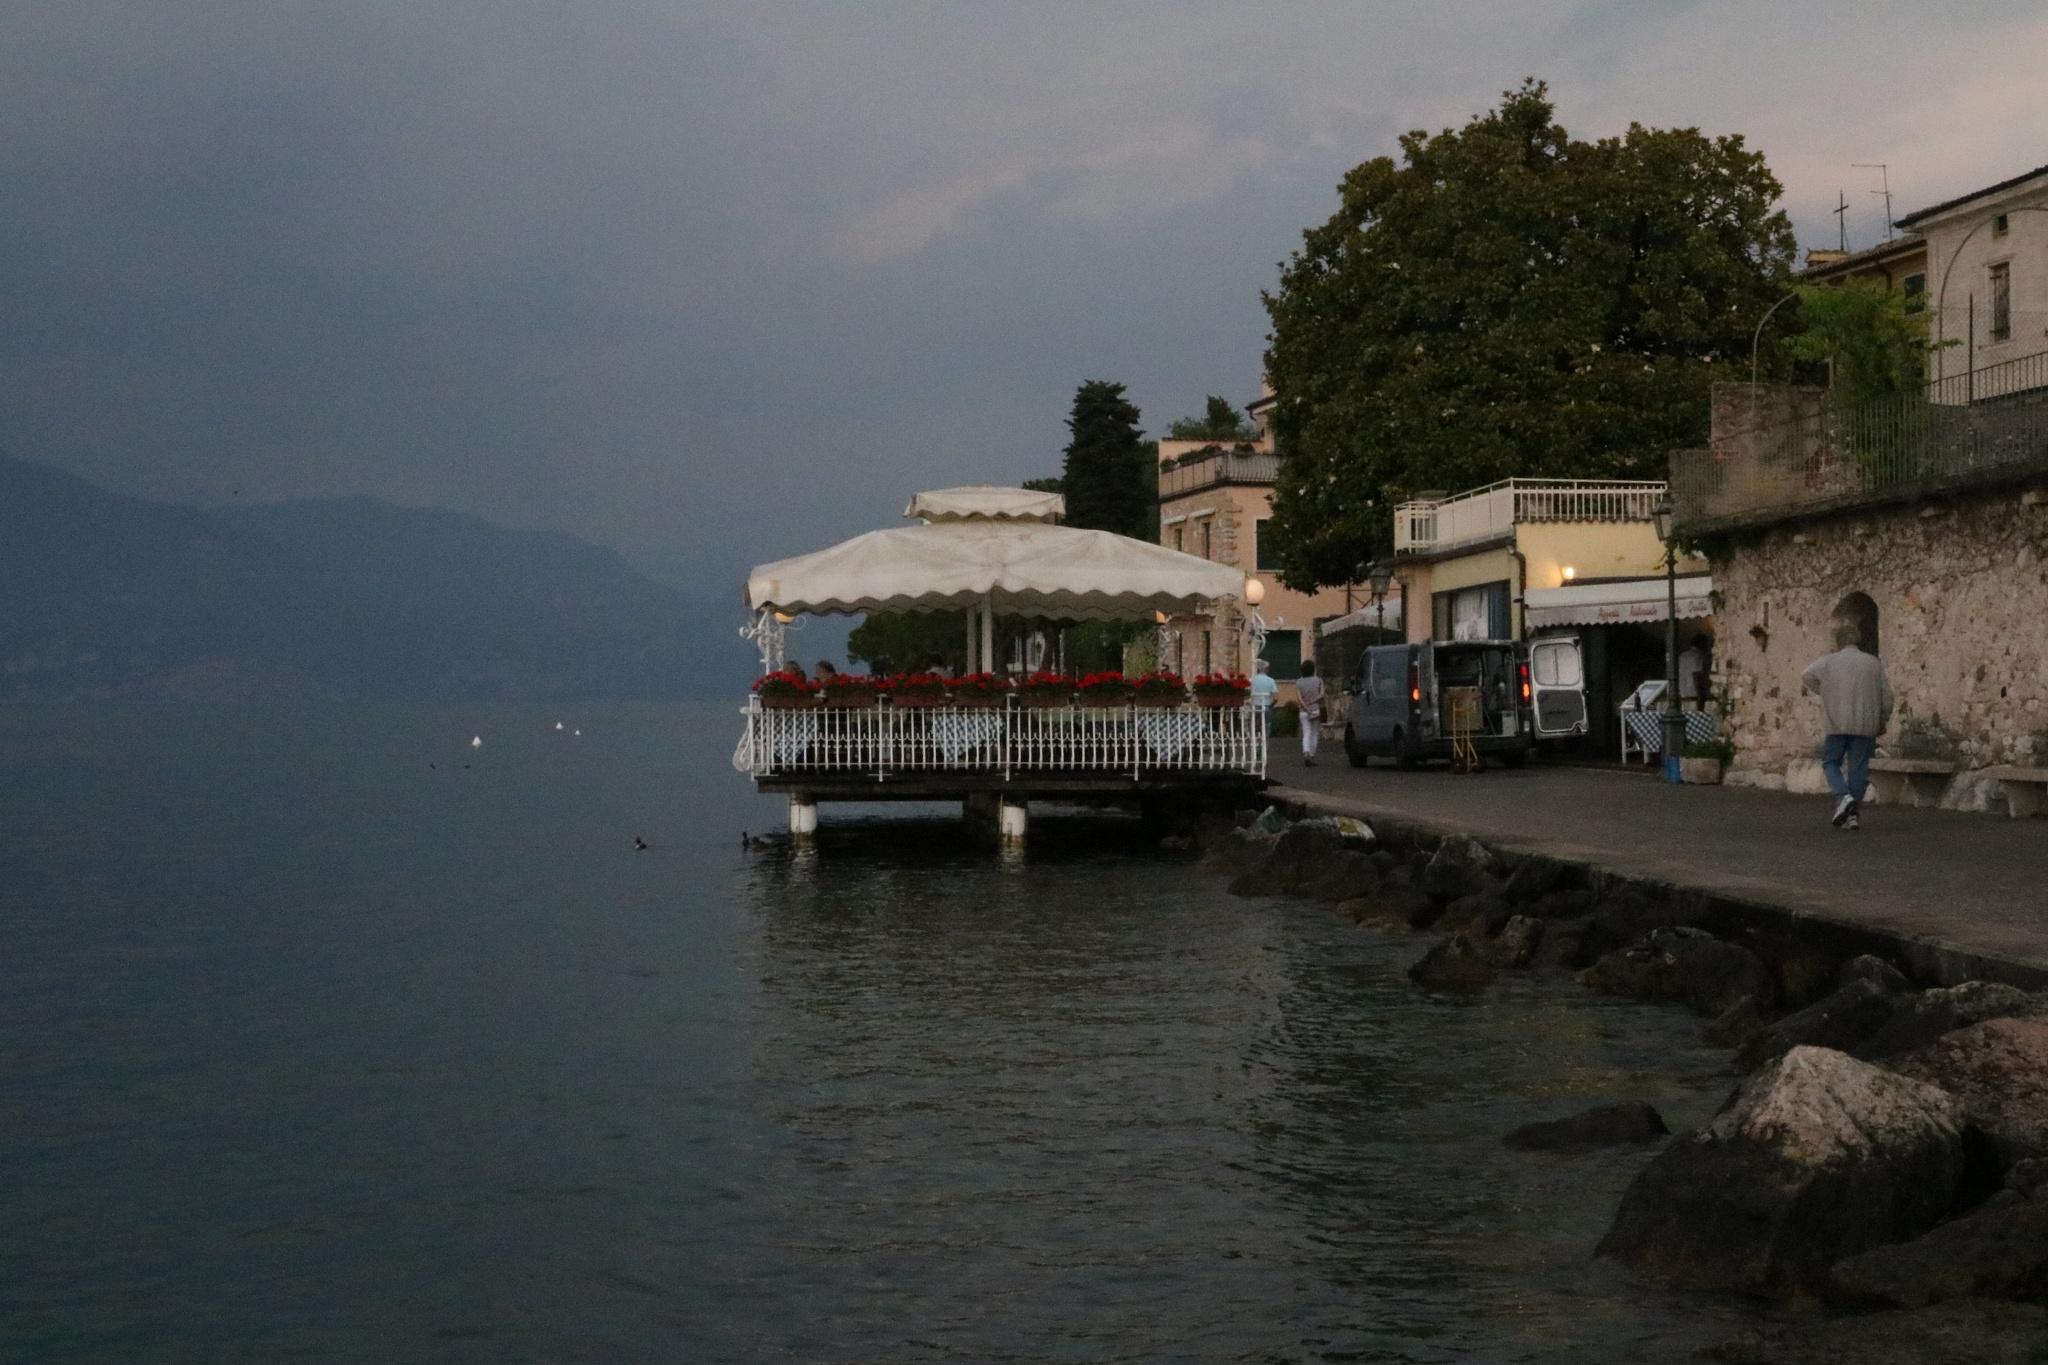 Floating Cafe, Lake Garda by Mo Dessouki